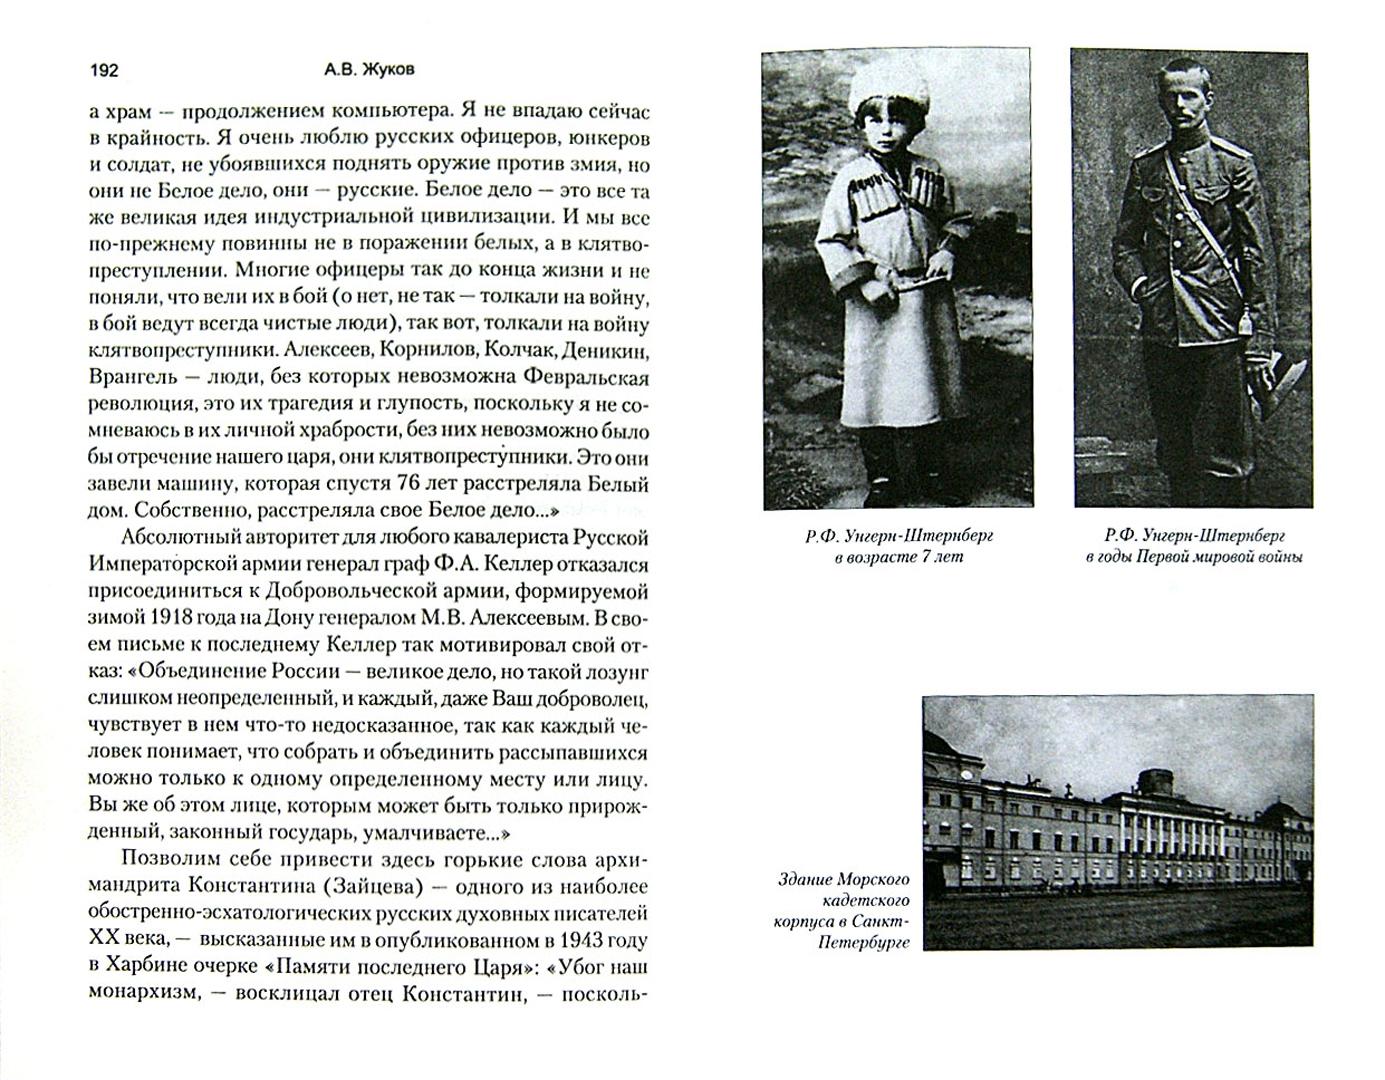 Иллюстрация 1 из 8 для Барон Унгерн. Даурский крестоносец или буддист с мечом - Андрей Жуков | Лабиринт - книги. Источник: Лабиринт